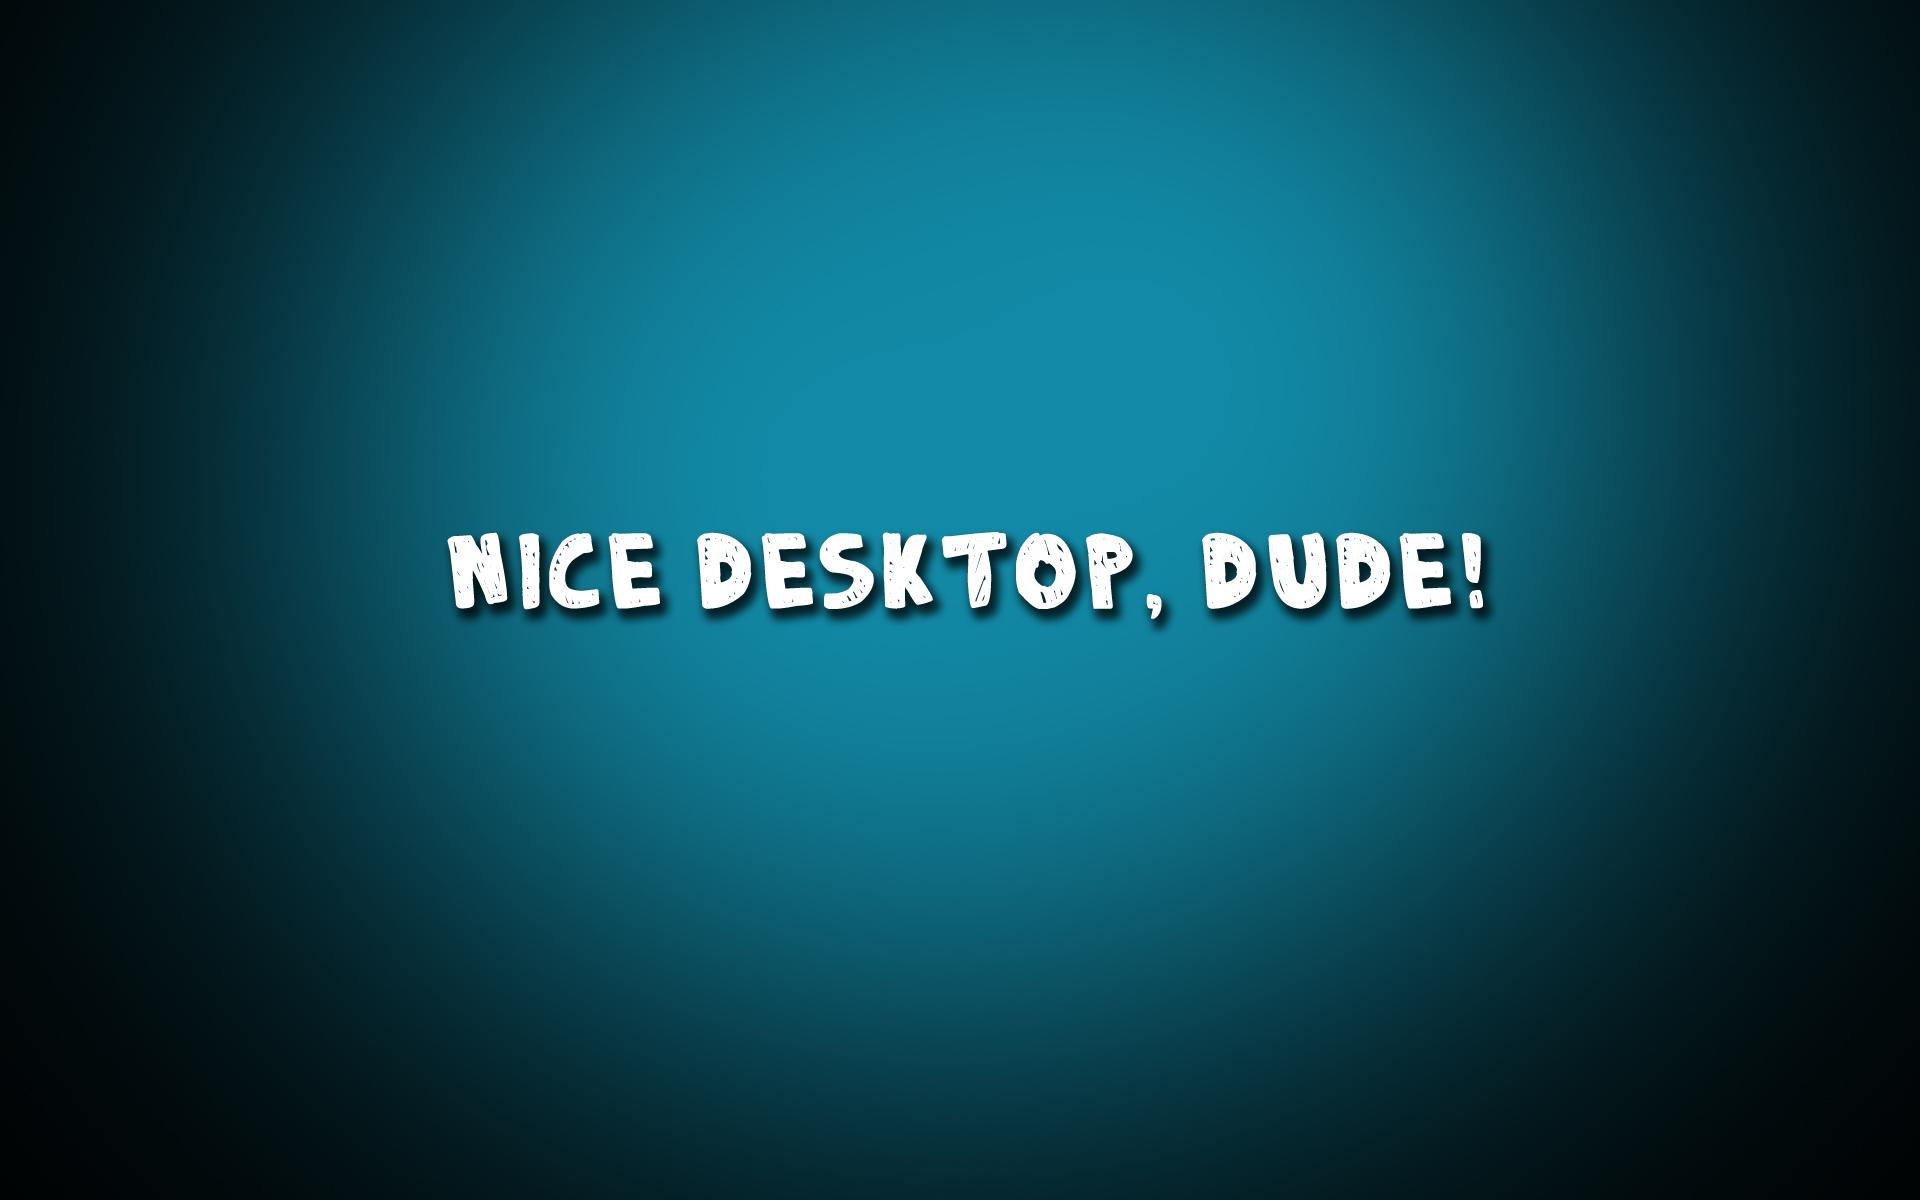 Nice Desktop, Dude!